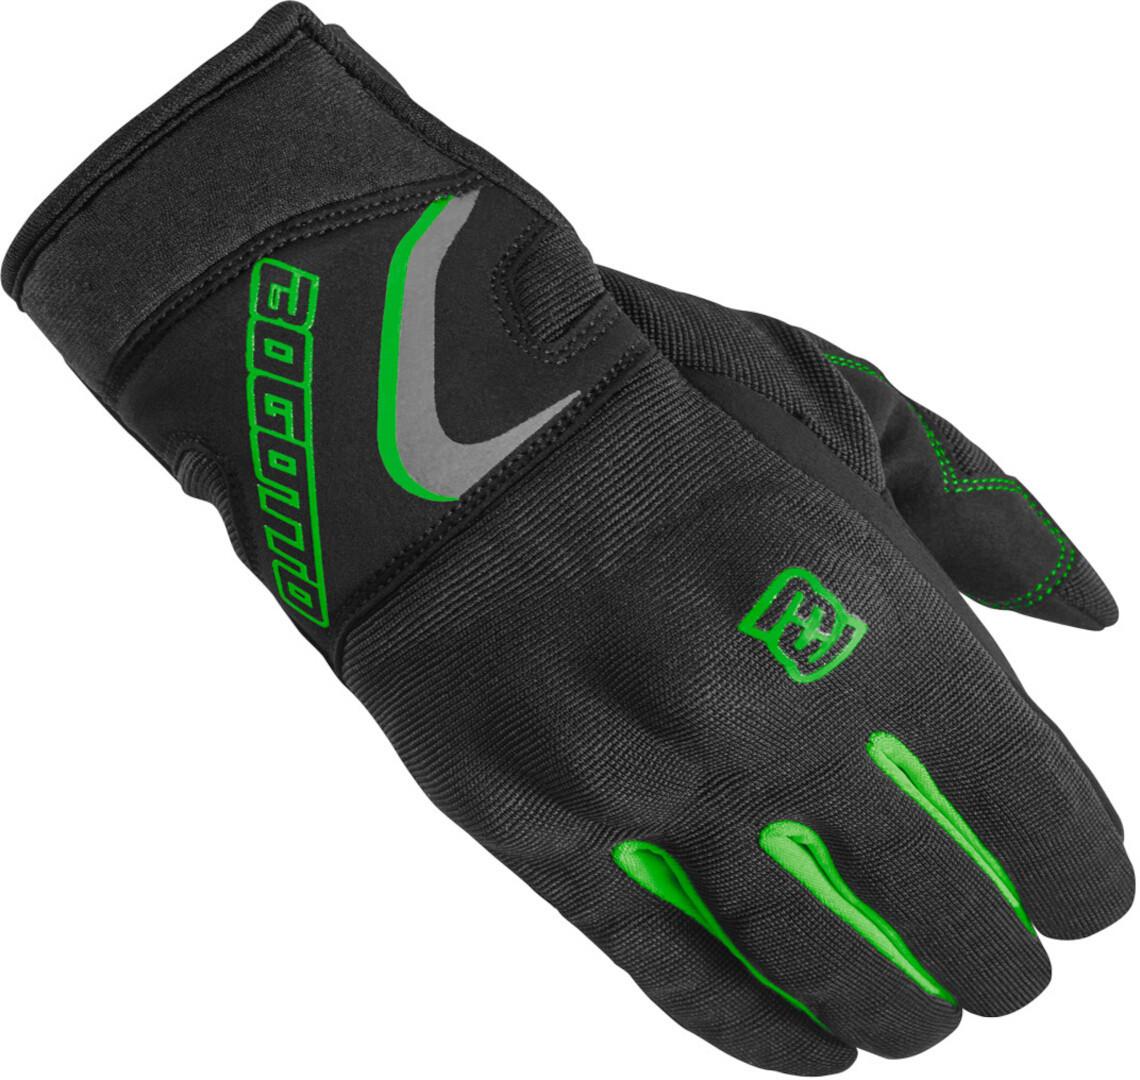 Bogotto F-ST Motorradhandschuhe, schwarz-grün, Größe 2XL, schwarz-grün, Größe 2XL